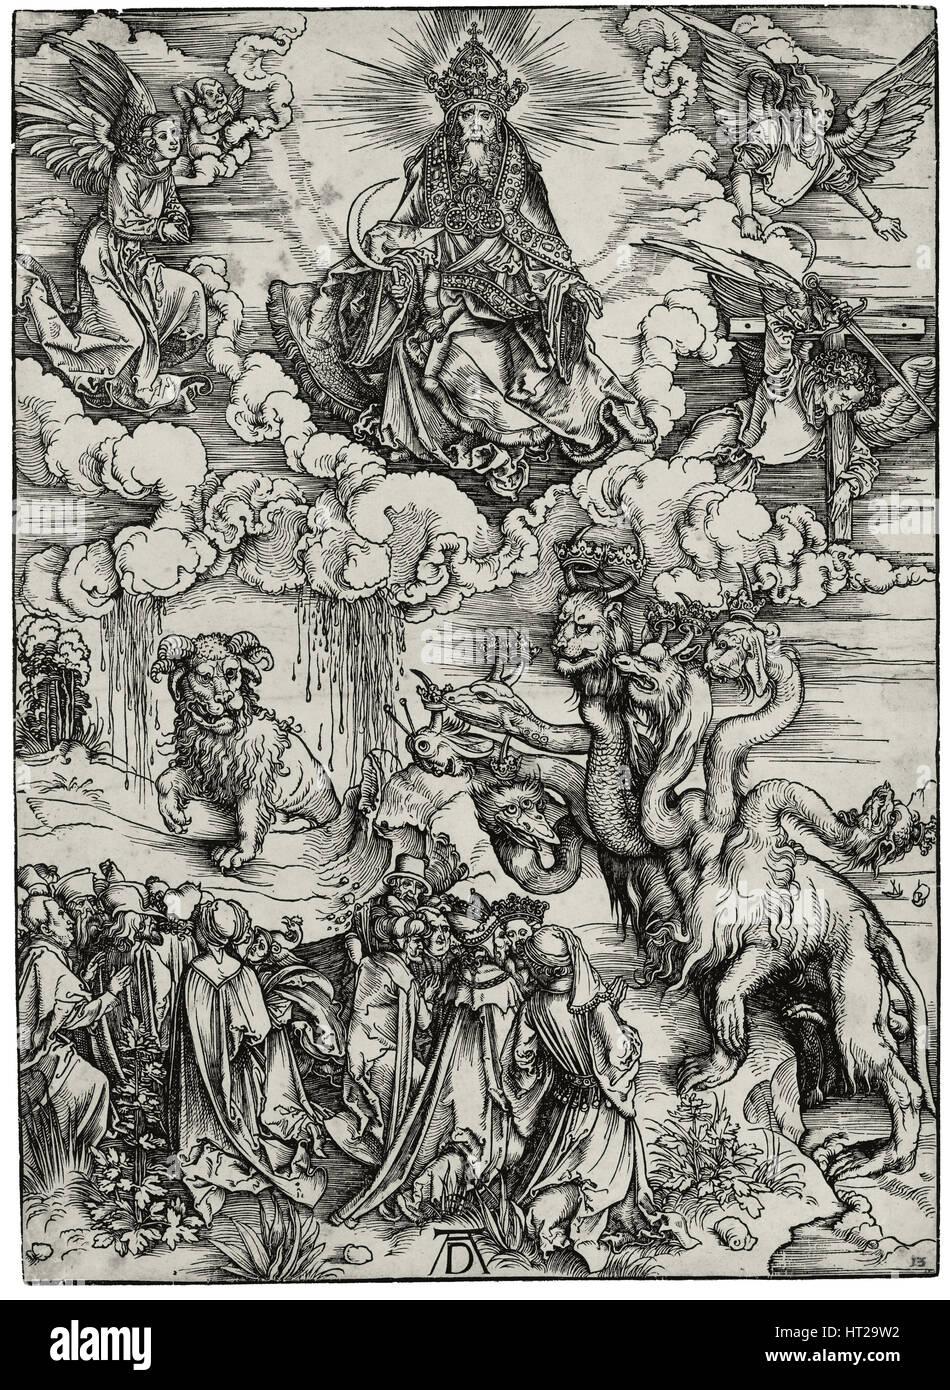 Das Tier mit zwei Hörner wie ein Lamm, c. 1497. Künstler: Dürer, Albrecht (1471-1528)Stockfoto